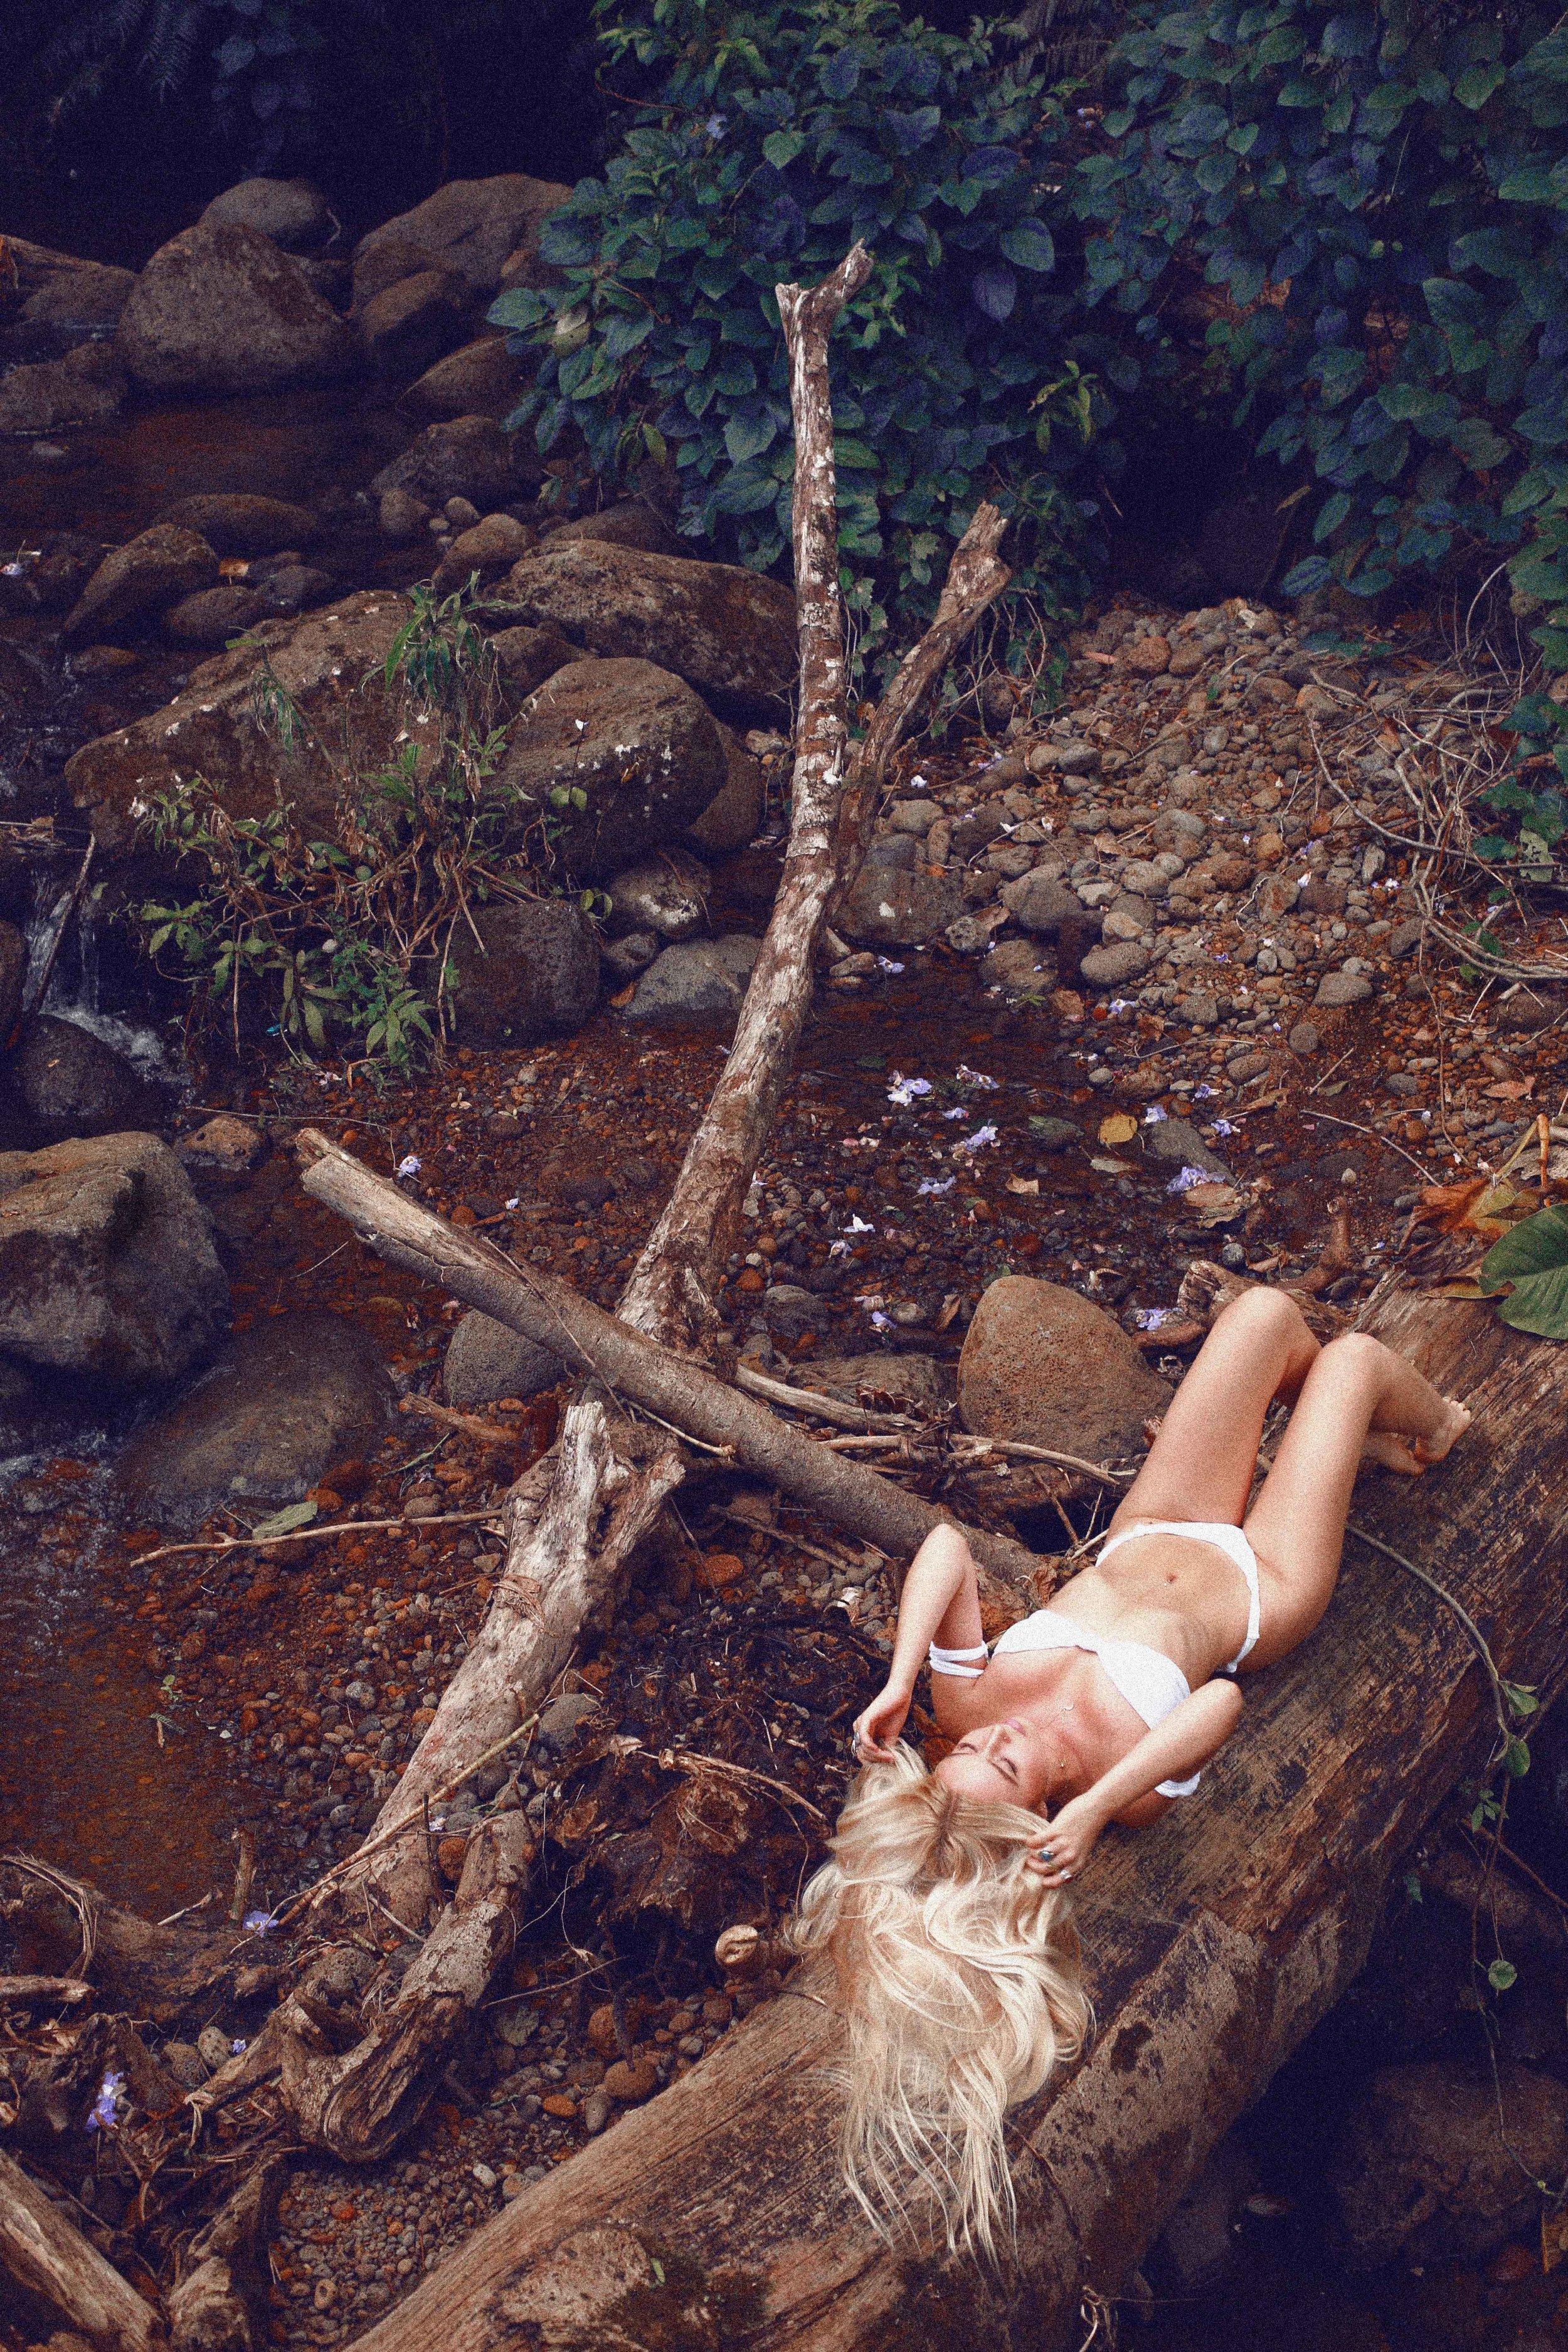 @Kelly.lauren Bikini Shoot in Manoa Falls, Hawaii - A Photo Shoot Story by Alyssa Risley - IG @alyssarisley